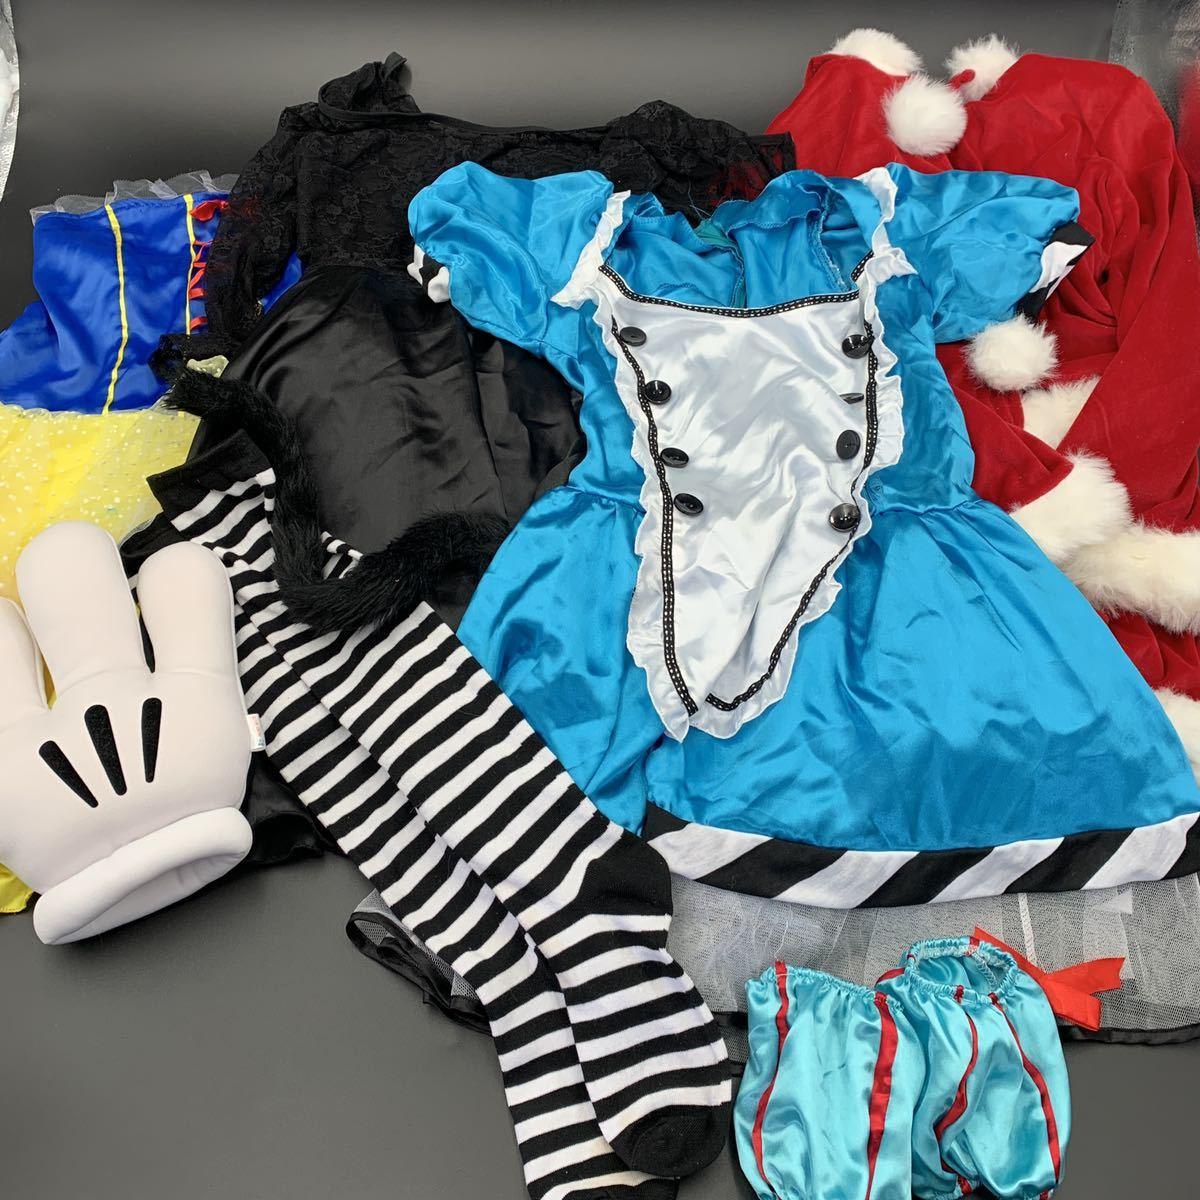 ☆コスプレ衣装 大量☆サンタクローズ 白雪姫 猫耳 アリス ミニスカート まとめ売り まとめて 大量 ハロウィン コスプレ 靴下 かわいい